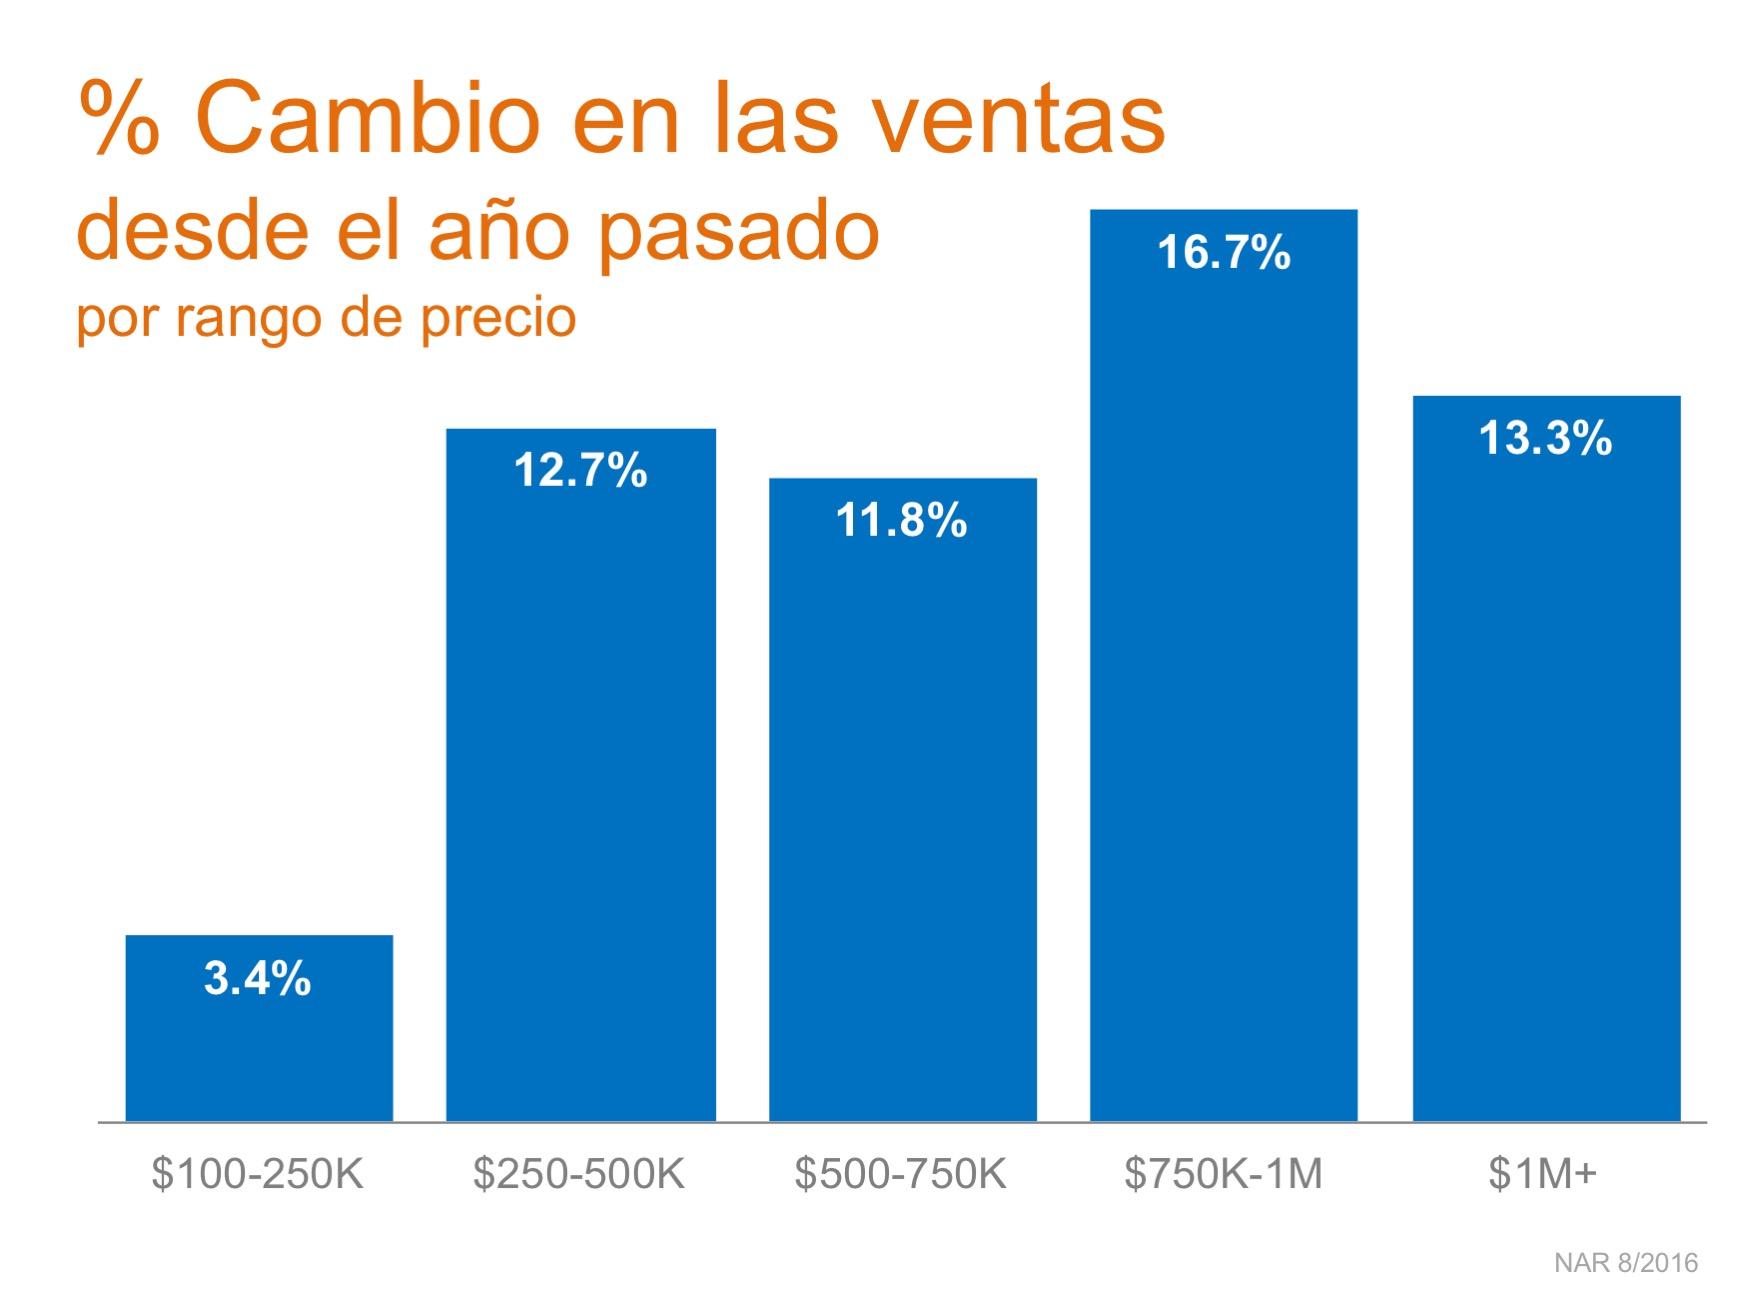 Las ventas de casas aumentaron en todos los rangos de precio sobre $100 mil| Simplifying The Market